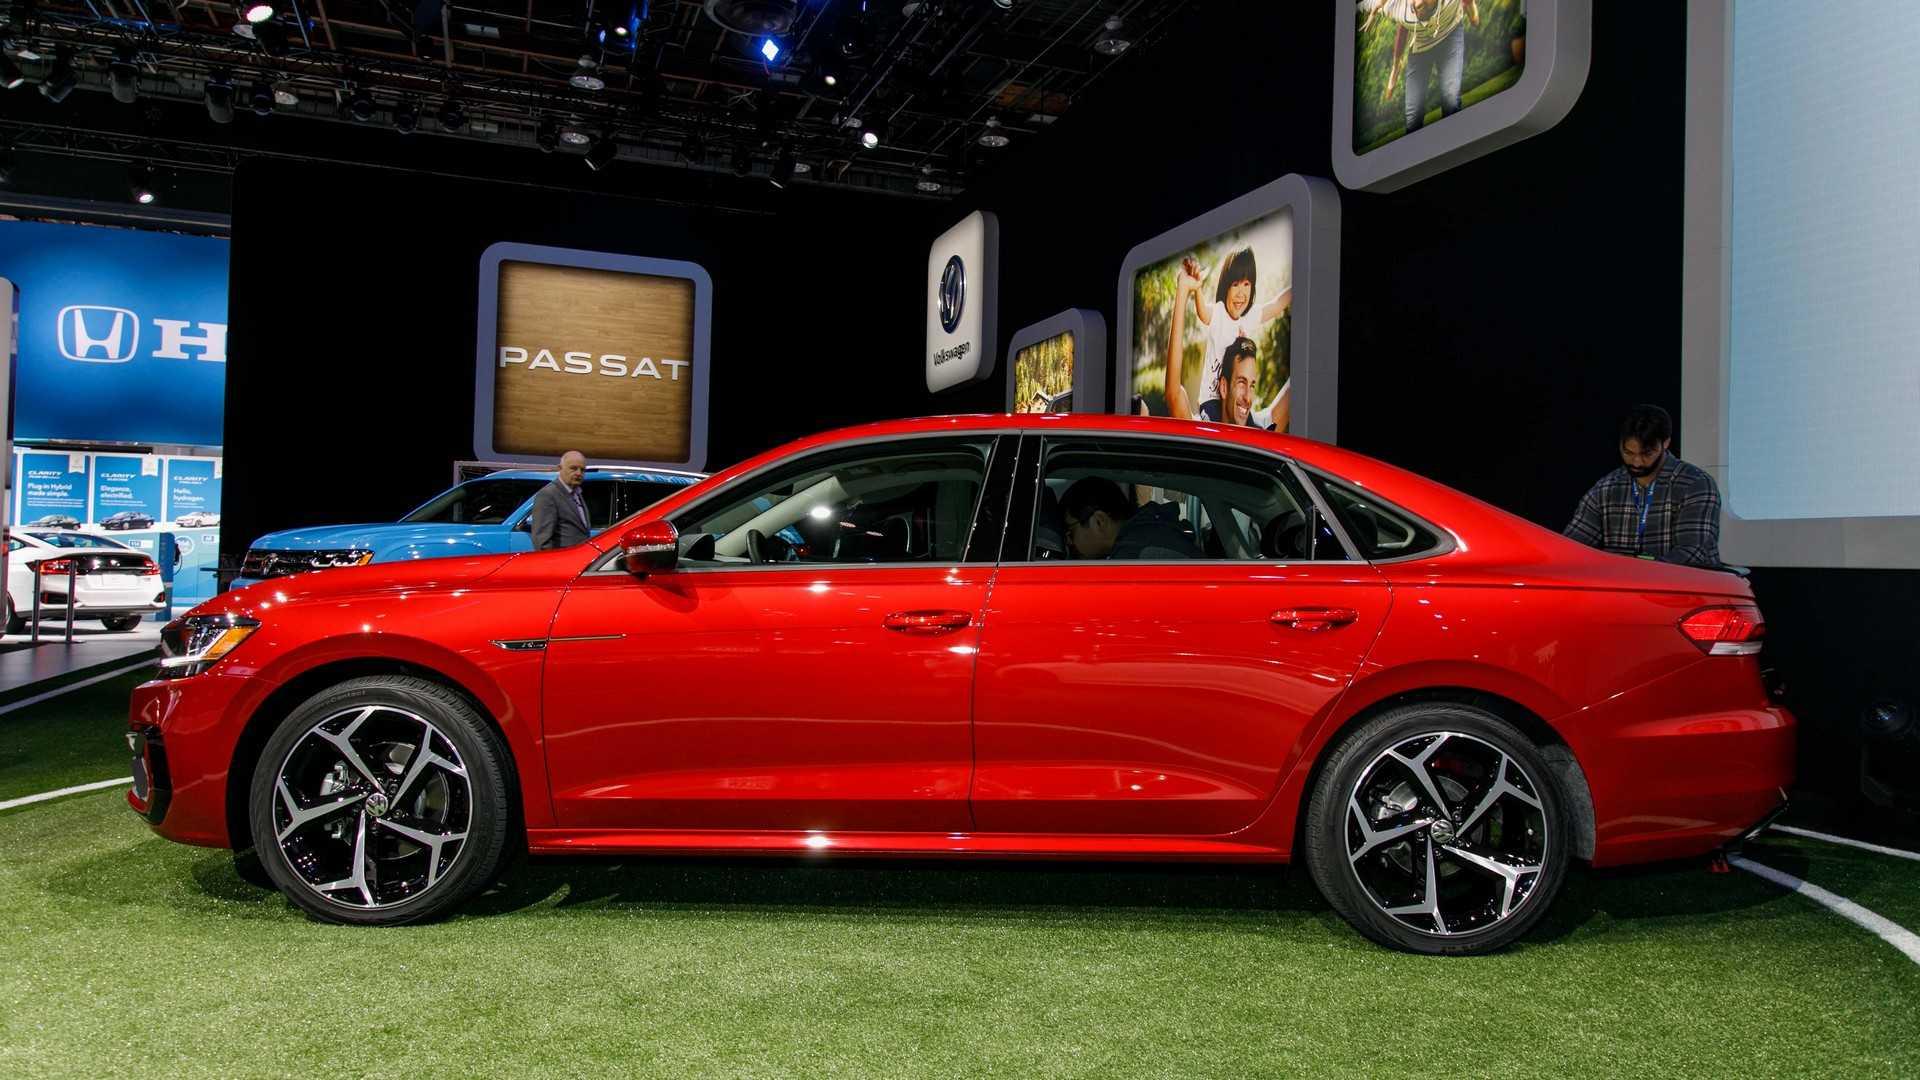 29 Concept of Volkswagen Cc 2020 Images for Volkswagen Cc 2020